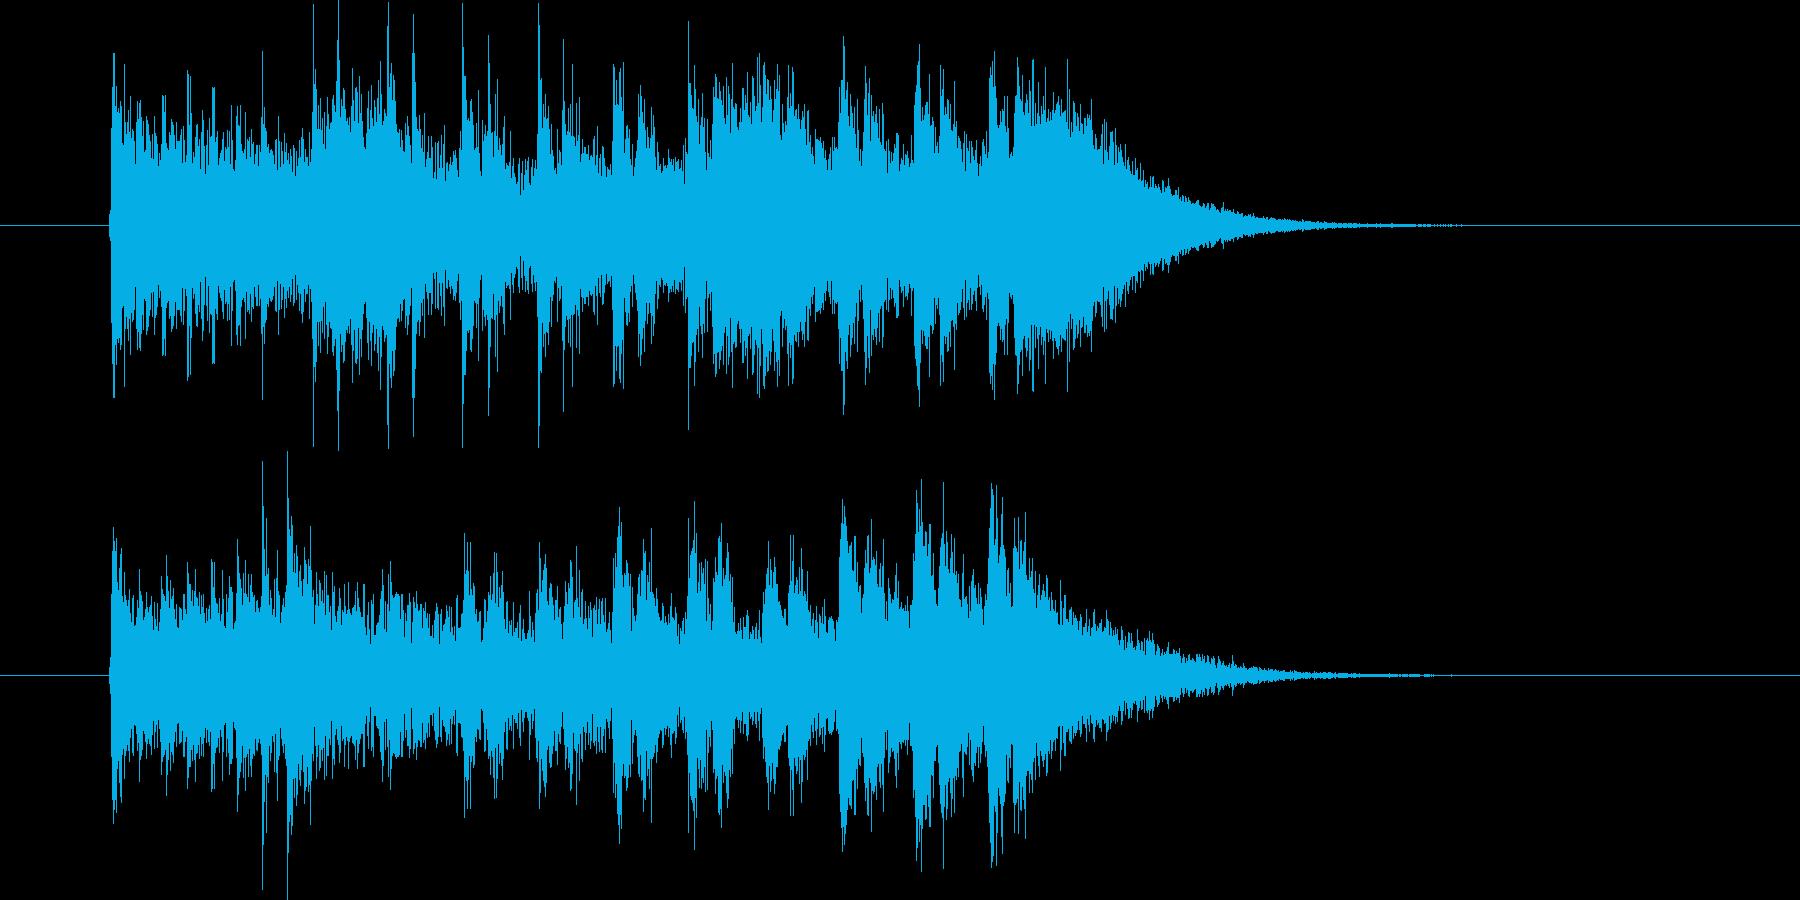 駆け抜けるような迫力のある曲の再生済みの波形